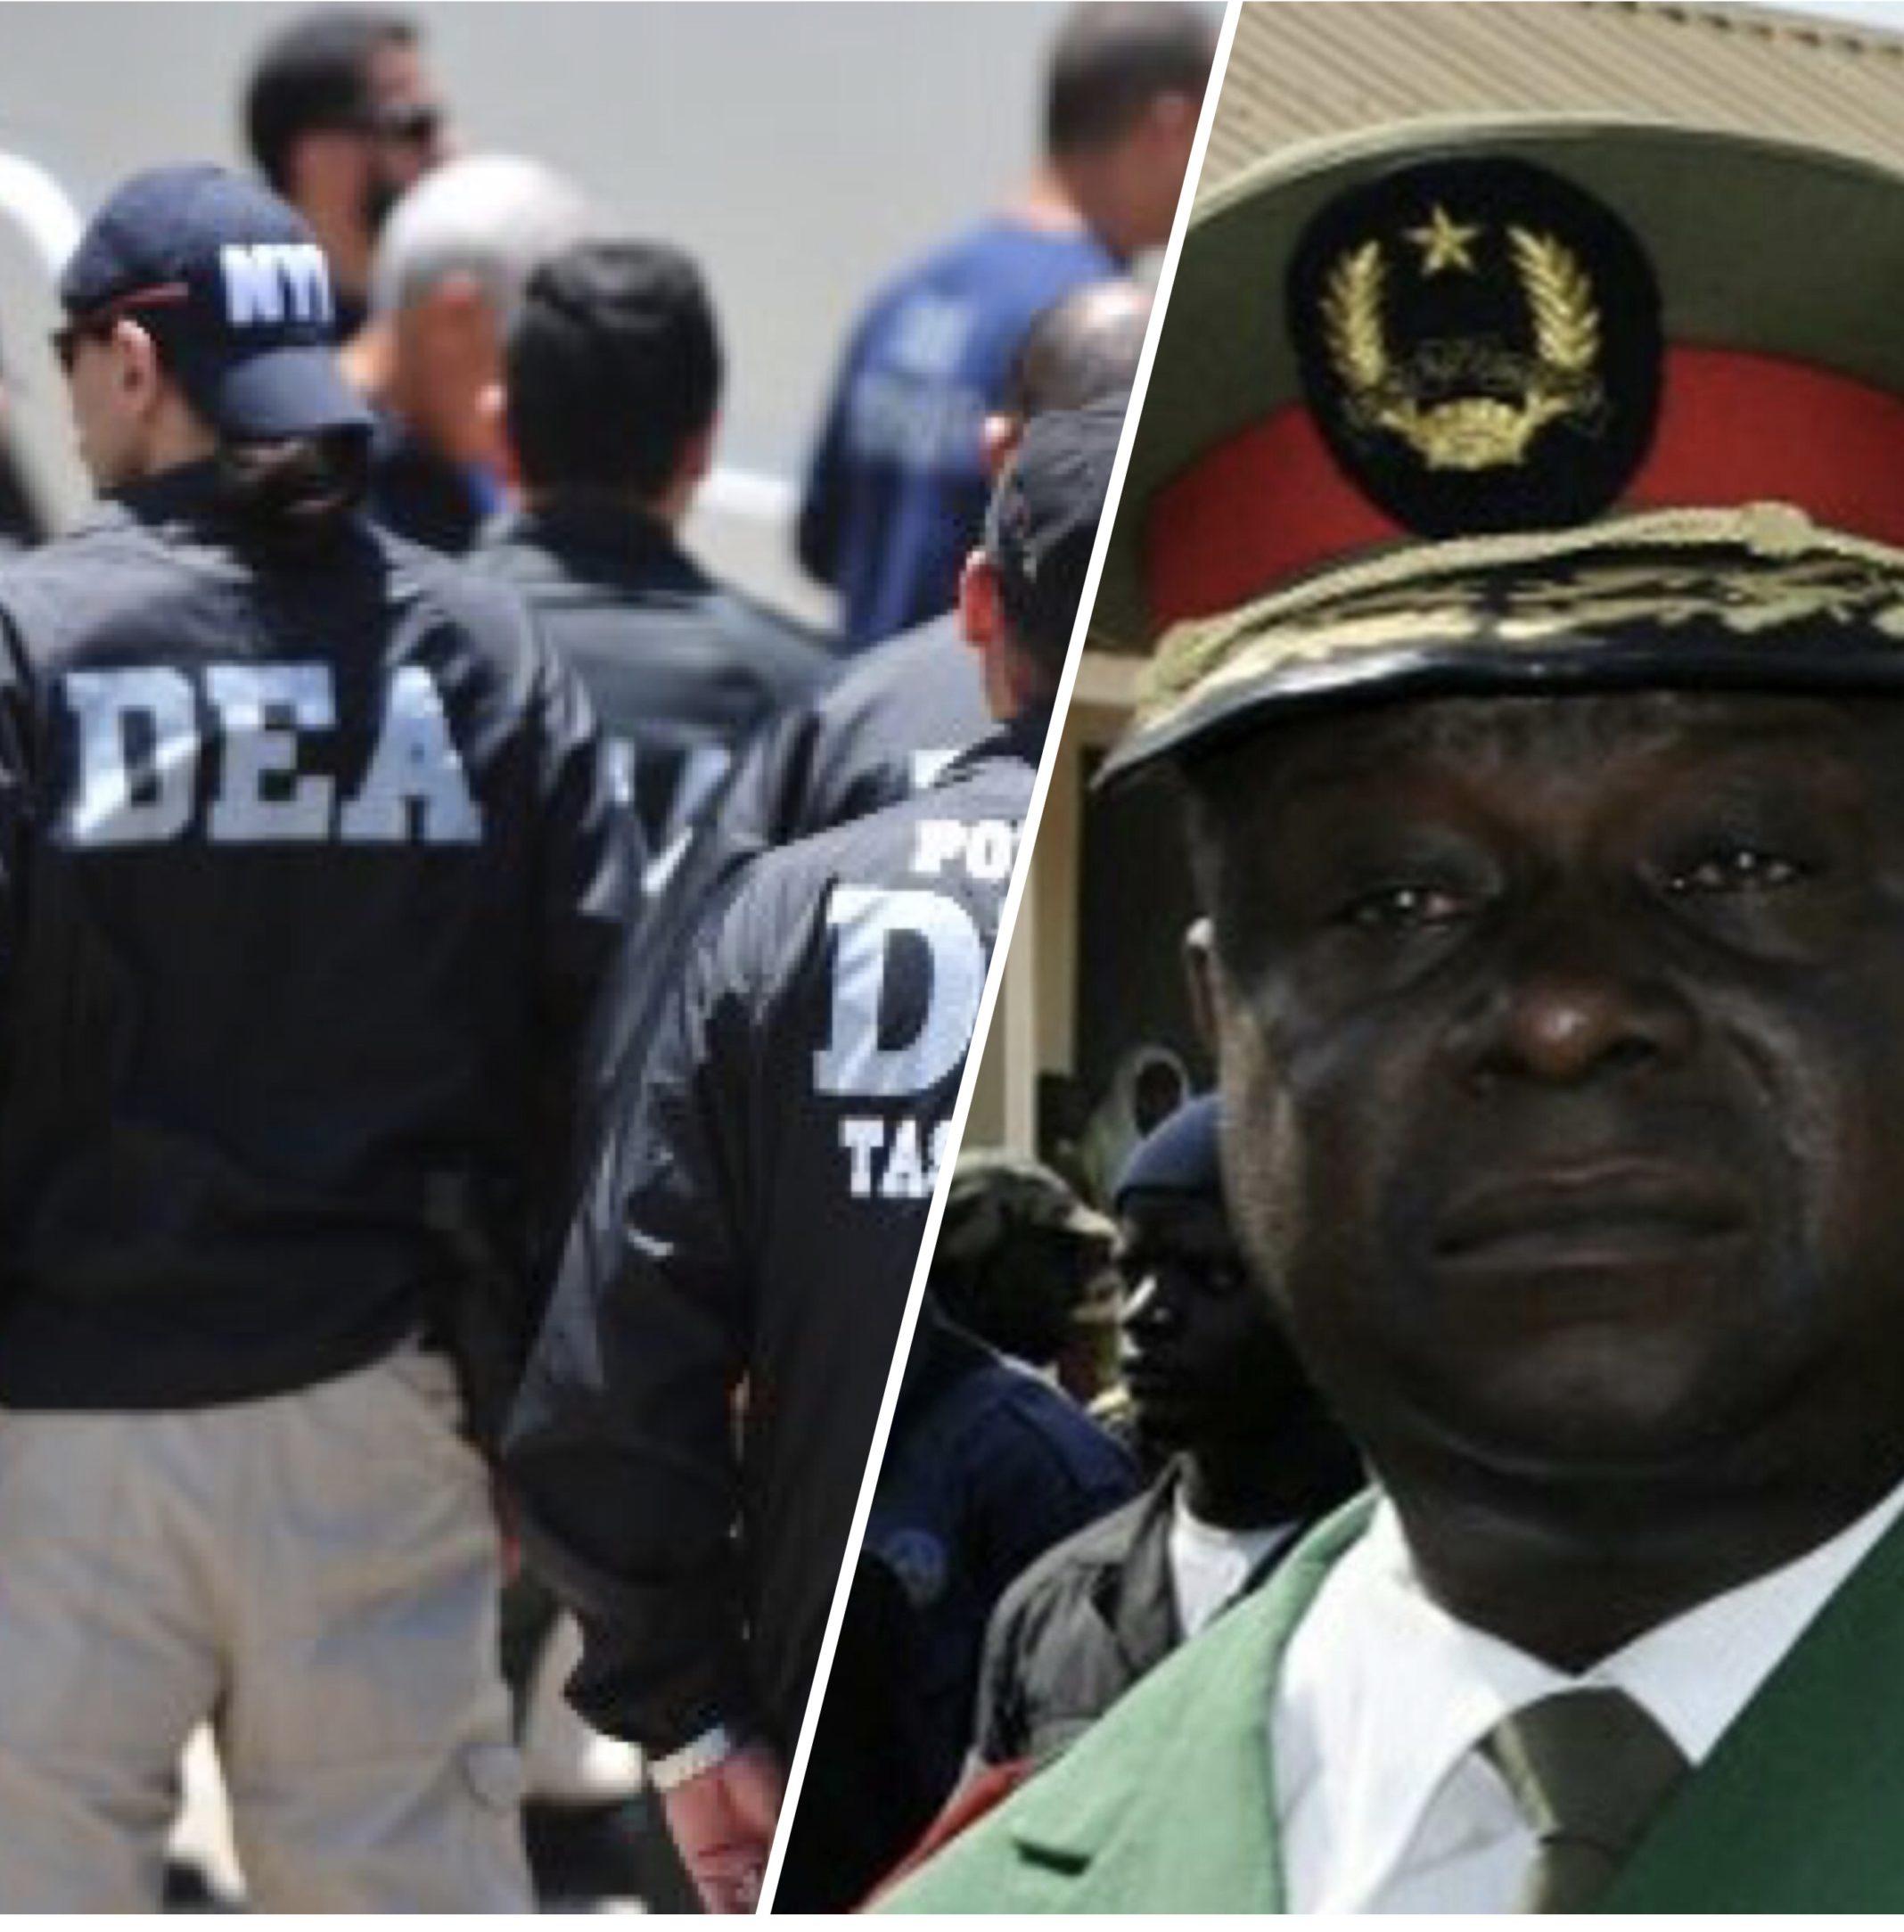 Exclusivité / Guinée-Bissau: Soupçonné de trafic de drogue et de blanchiment d'argent, la DEA met 5 millions de dollars pour la capture du Général Antonio Indjai